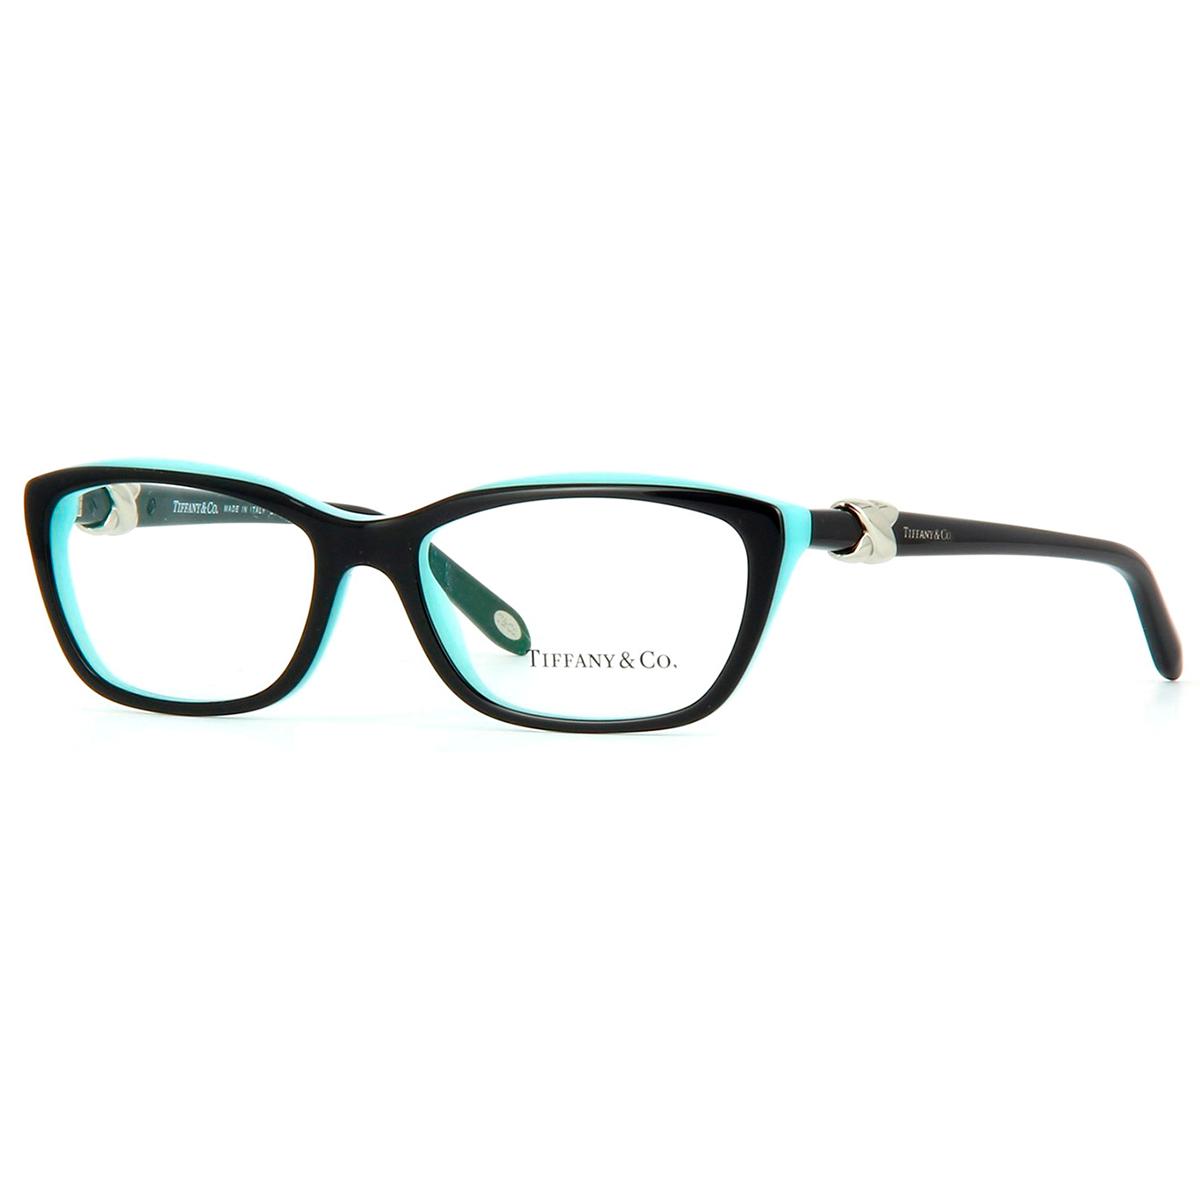 Compre Óculos de Grau Tiffany   Co em 10X Tri Jóia Shop e224035cd2